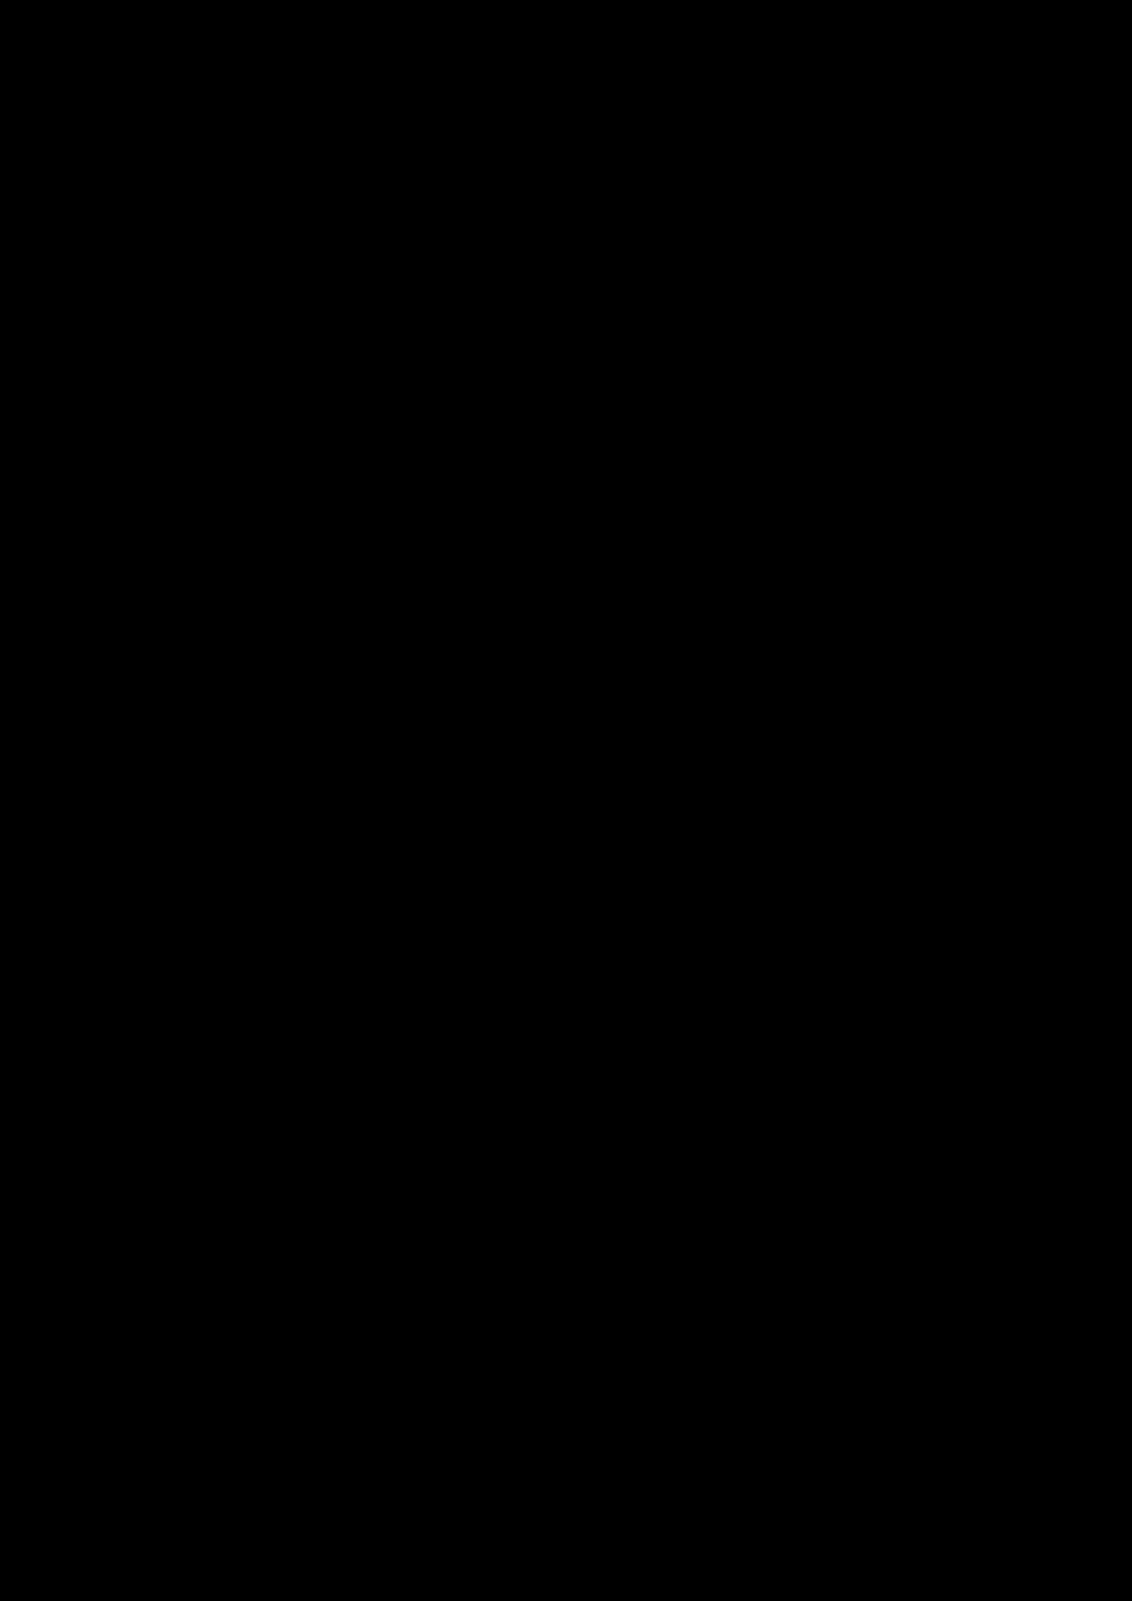 Zagadka volshebnoy stranyi slide, Image 125